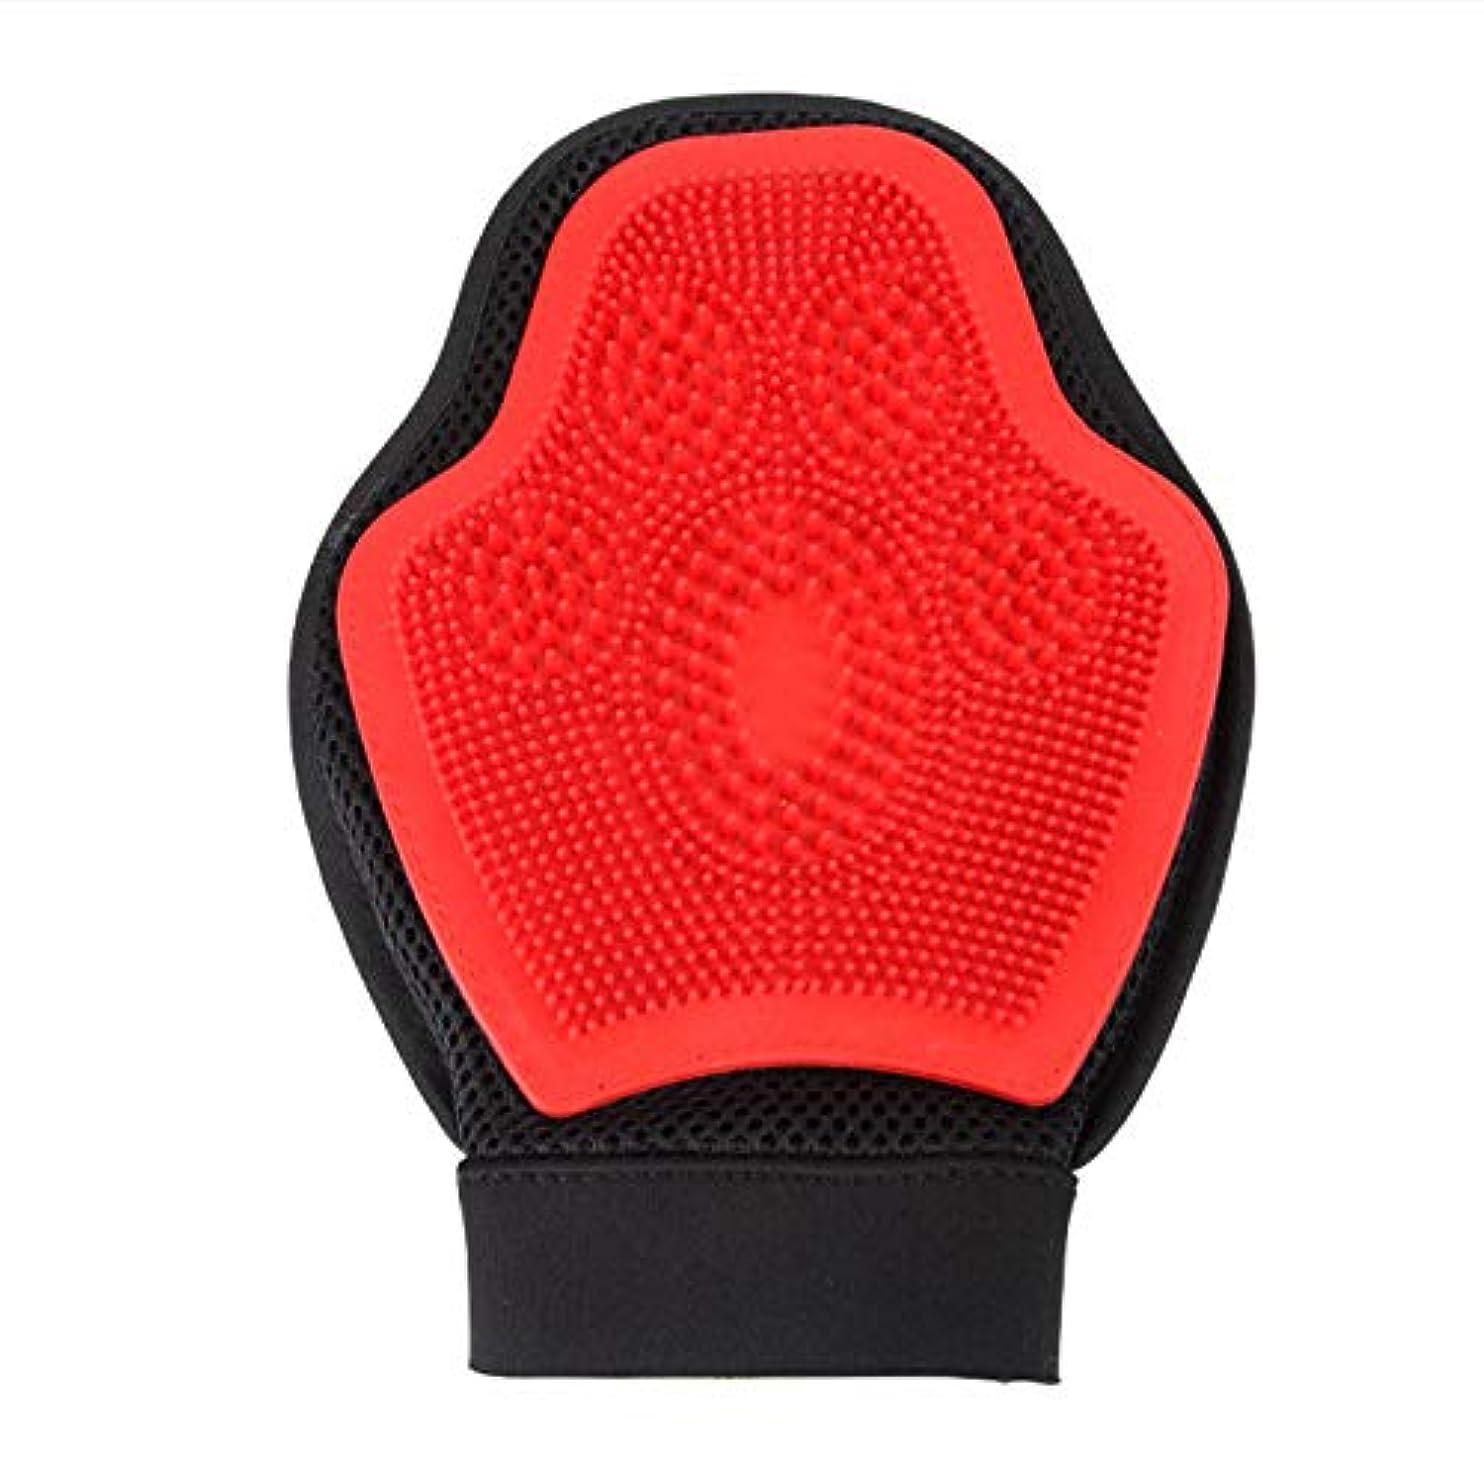 なめる意外等々BTXXYJP 手袋 ペット ブラシ グローブ 猫 ブラシ クリーナー 抜け毛取り ブラッシング マッサージブラシ 犬 グローブ ペット毛取りブラシ お手入れ (Color : Red, Size : L)